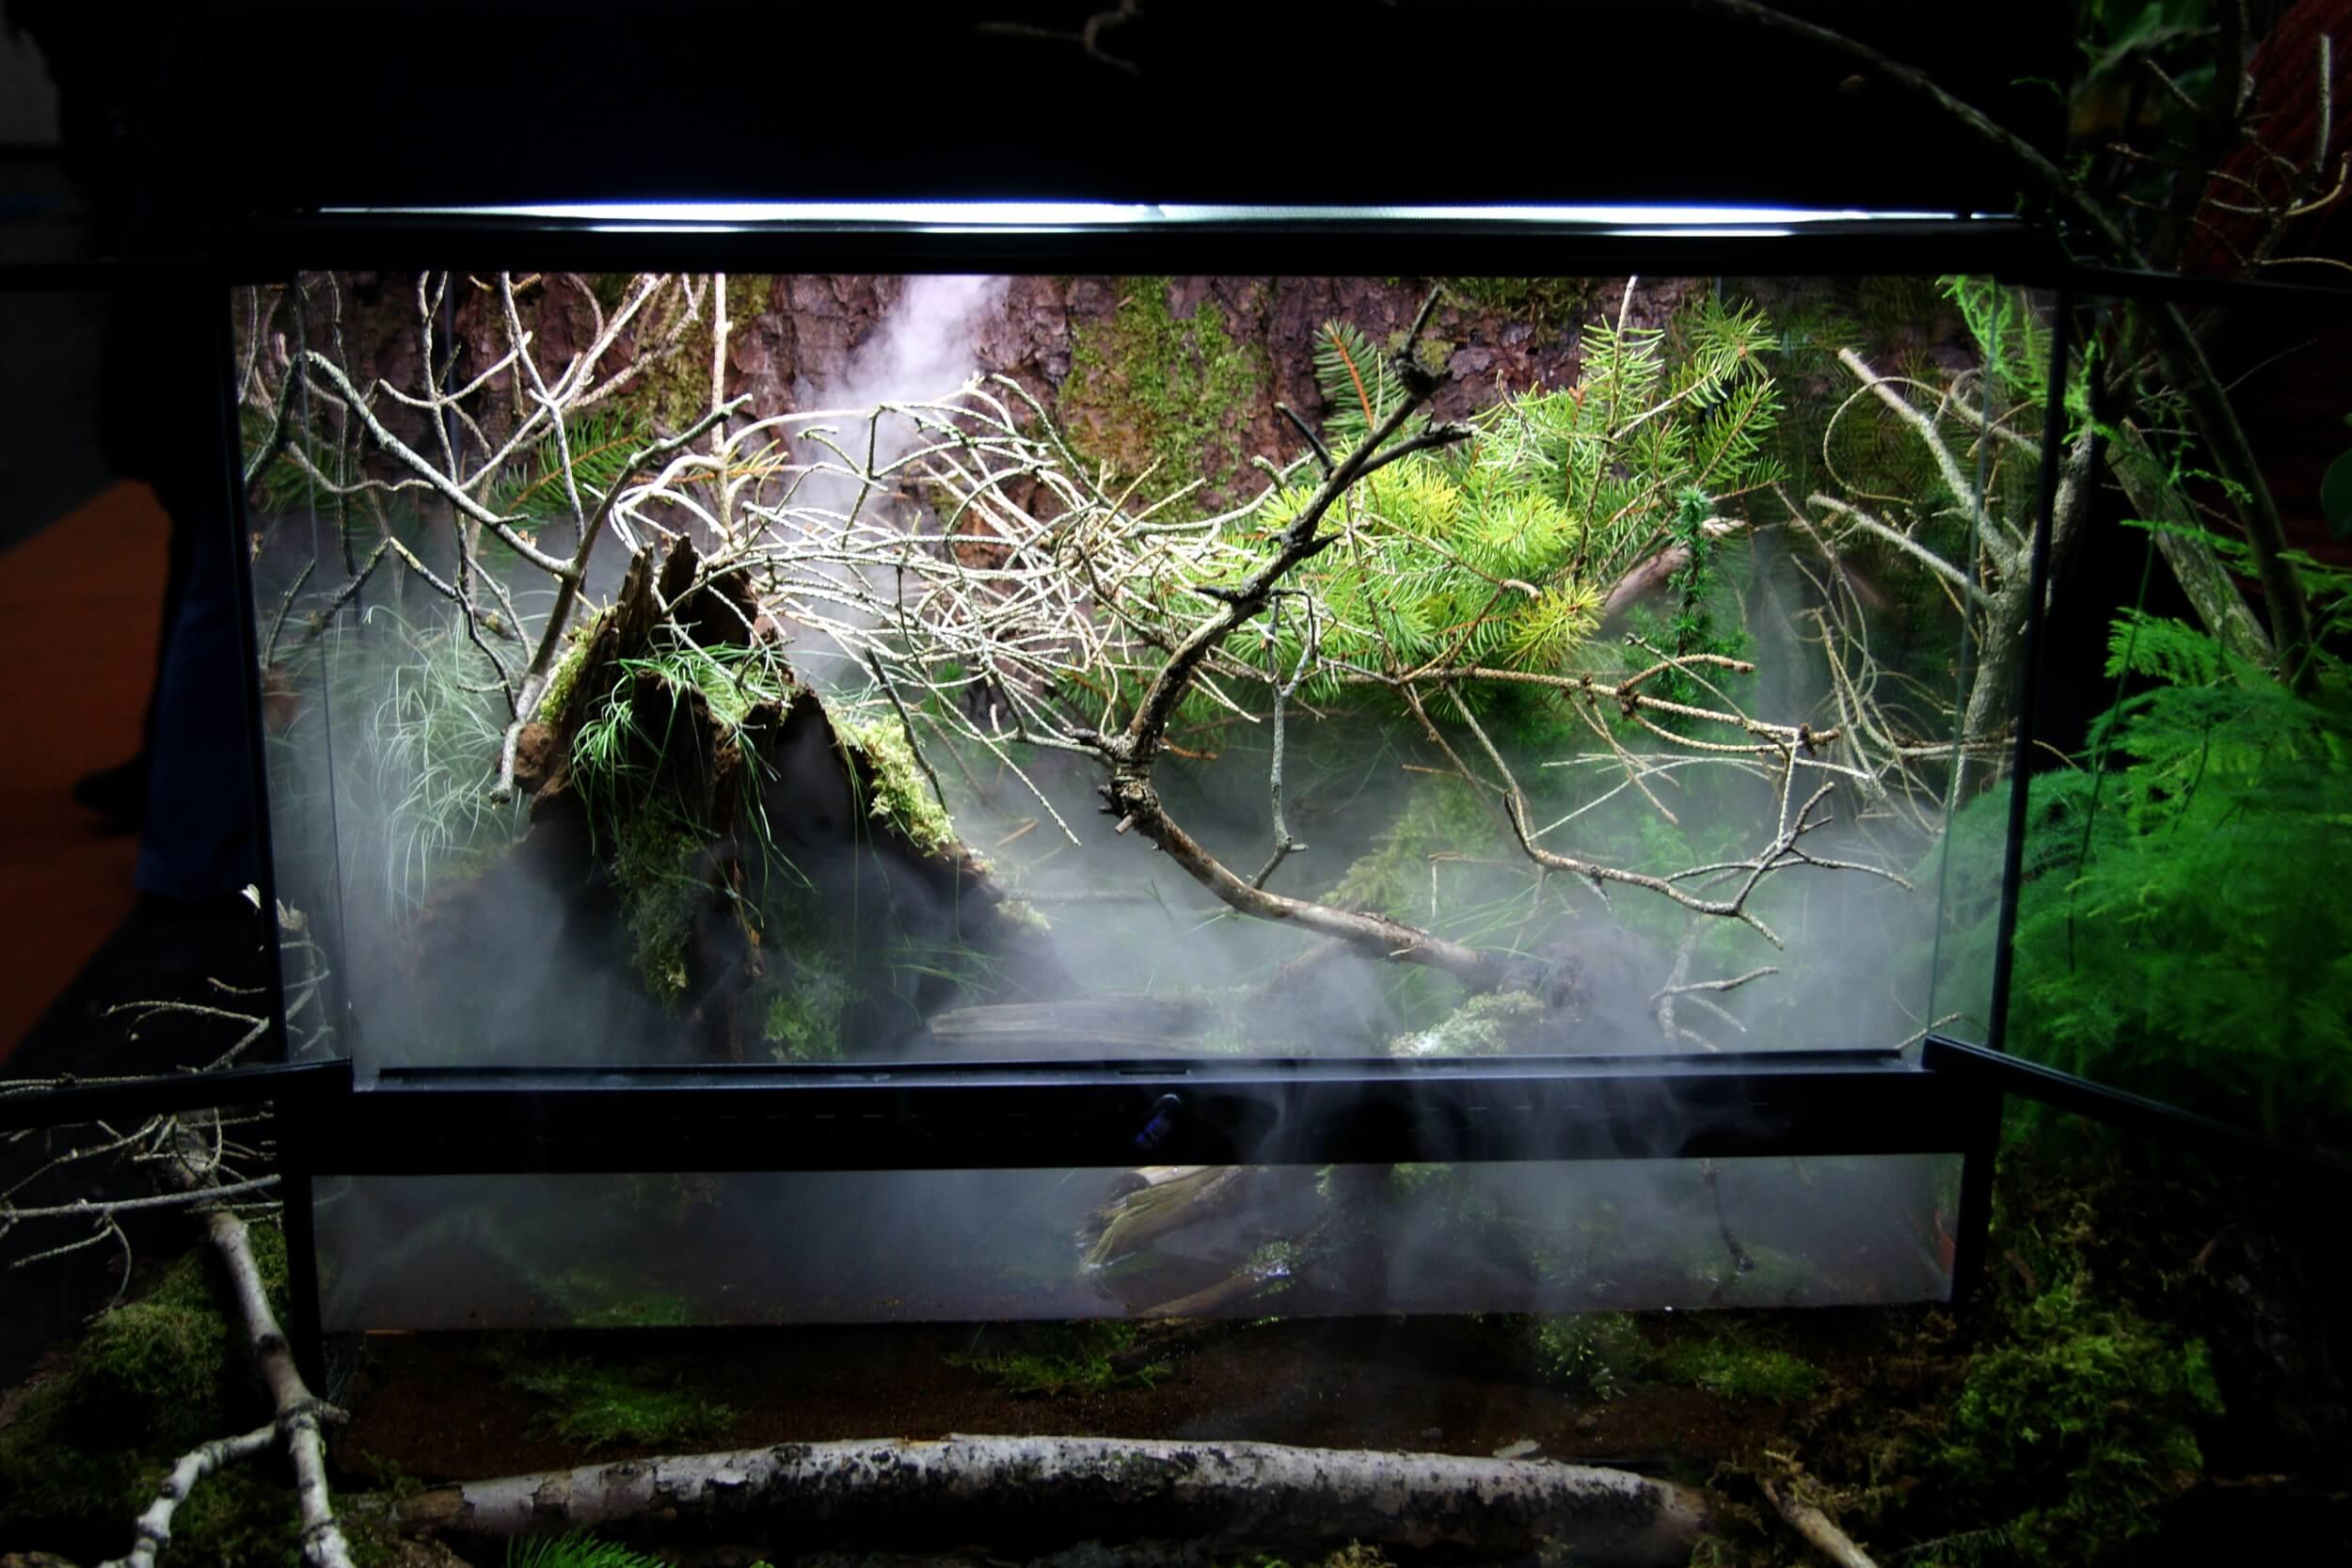 Ein optimal ausgestattetes Terrarium schafft Atmosphäre. (c) Foto: FLH / leben-mit-heimtieren.de